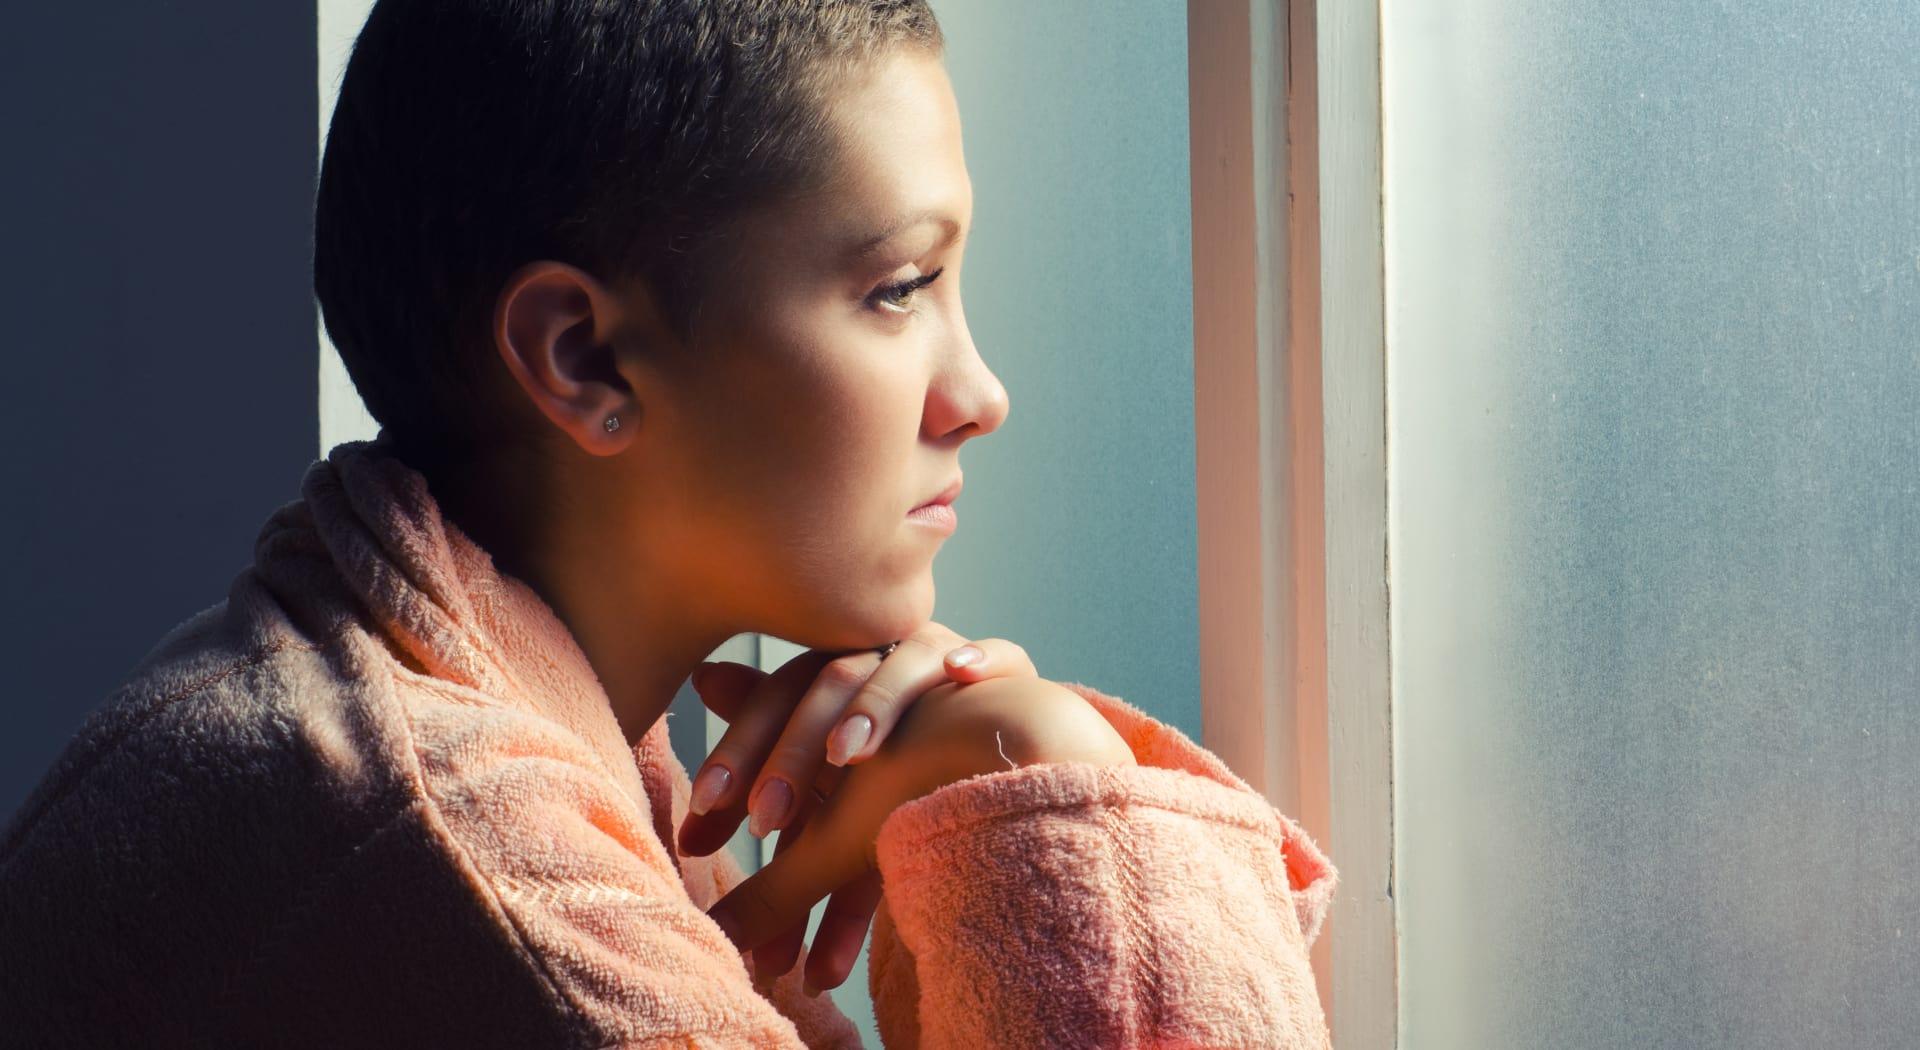 66 kvinner fikk kreft i livmoren etter forsinket diagnose i 2014-2018